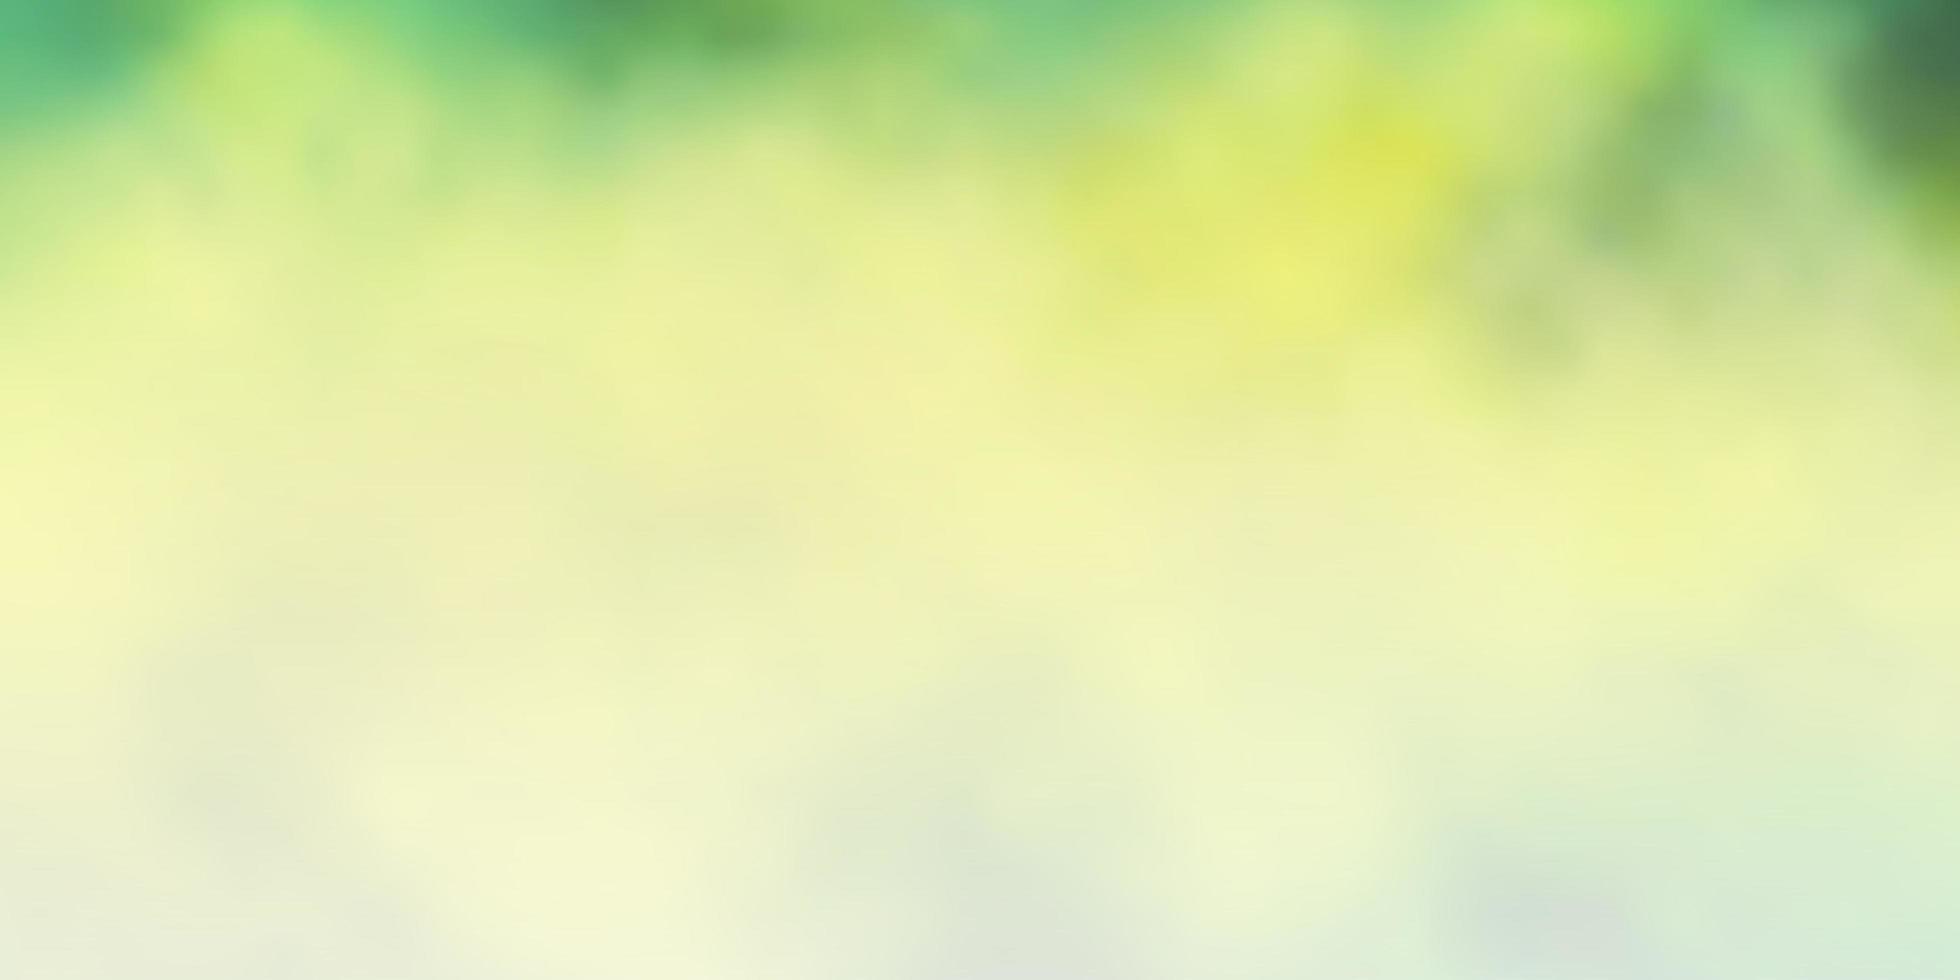 lichtgroene, gele vectortextuur met bewolkte hemel. vector